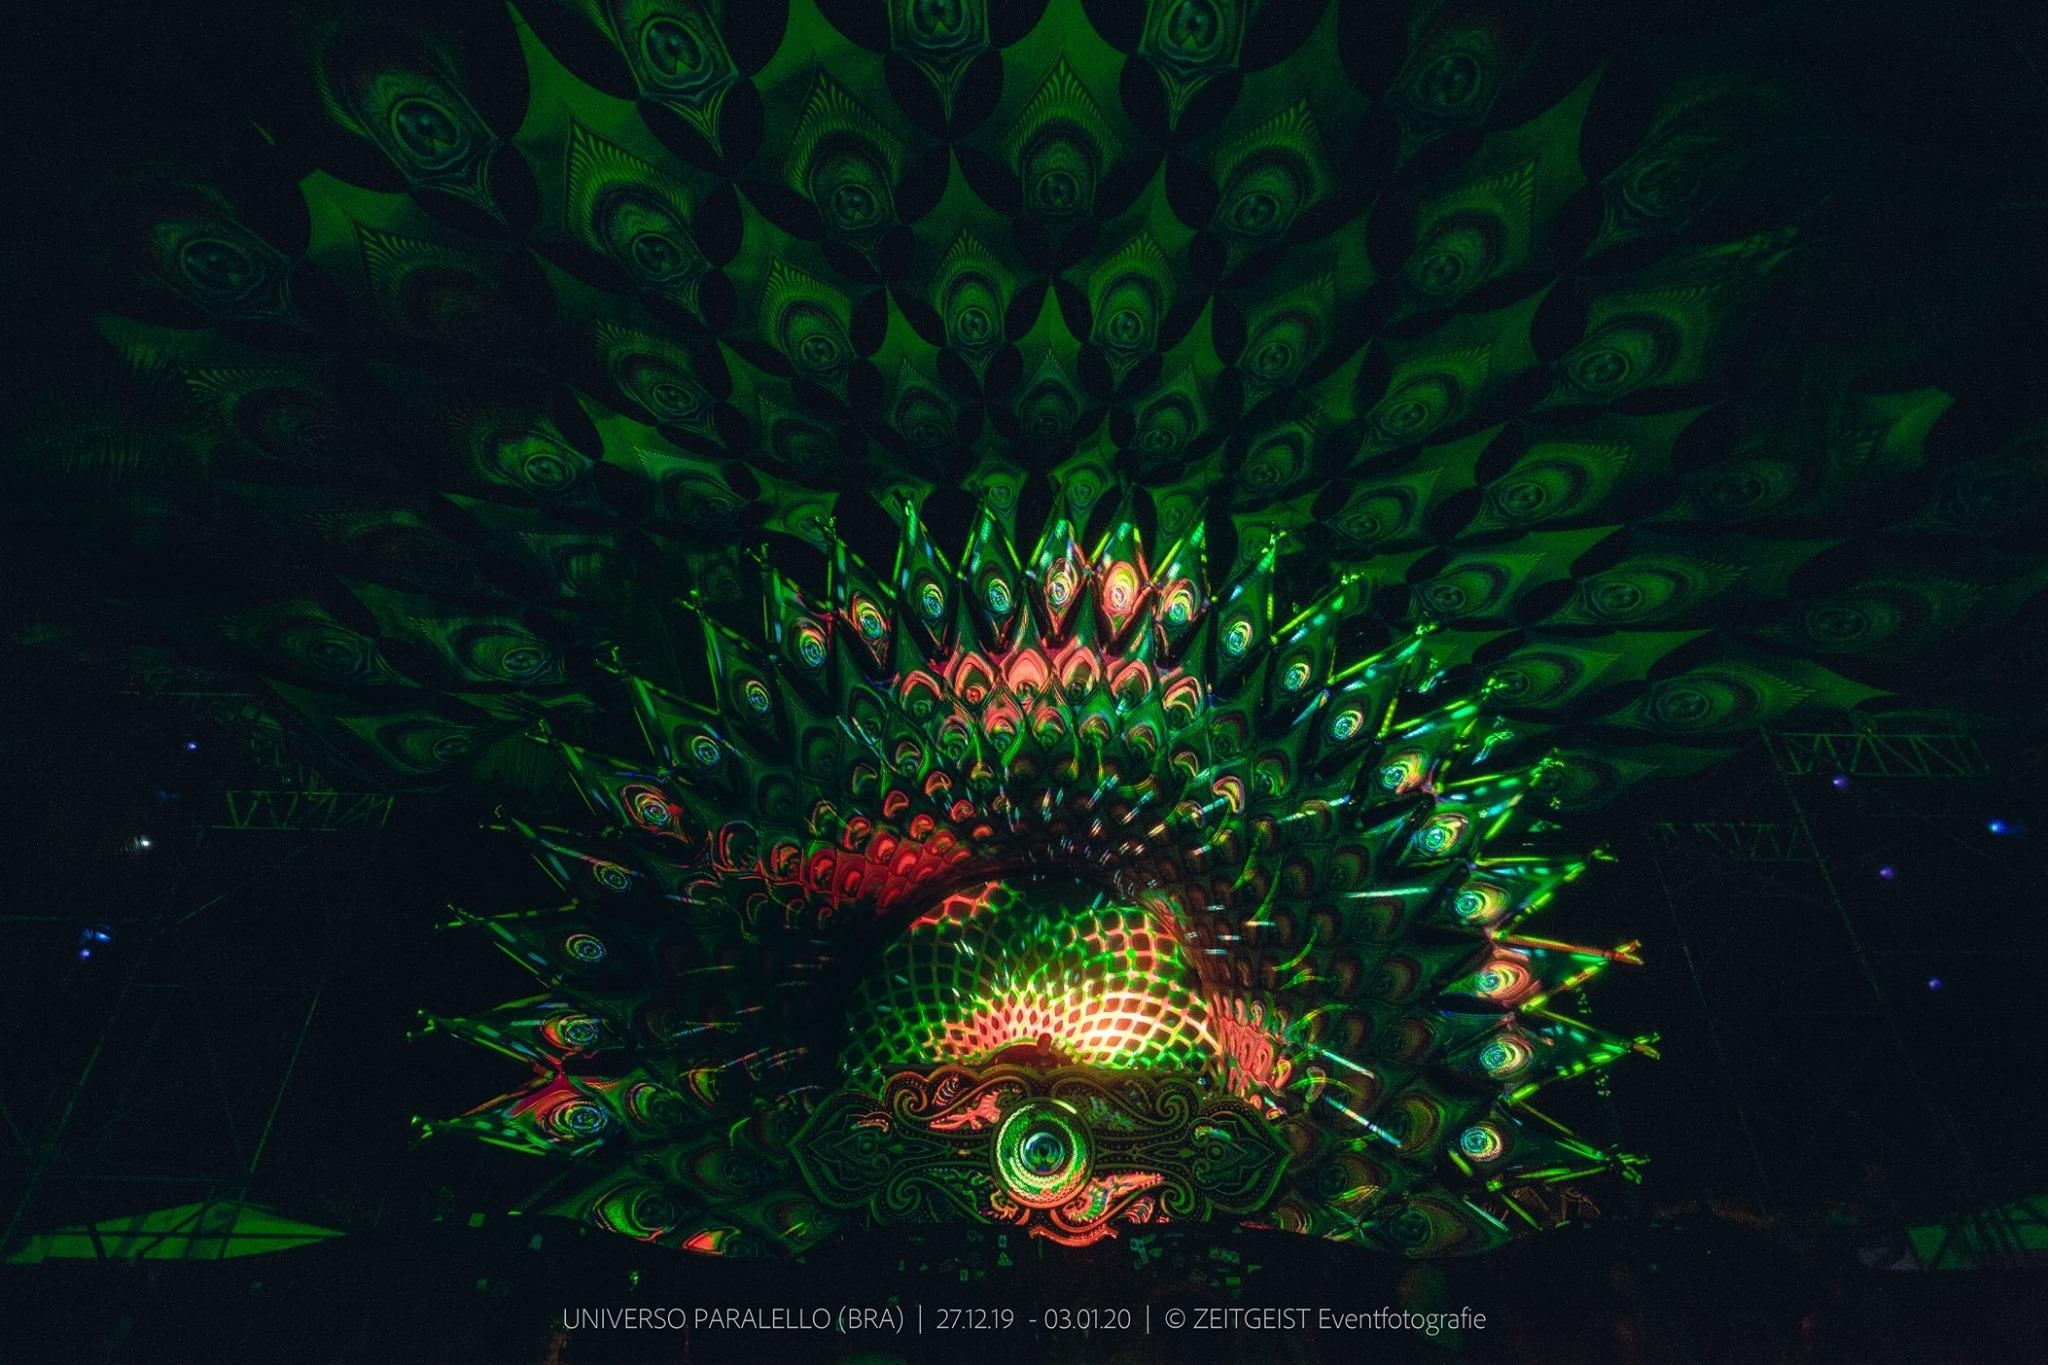 @ Universo Paralello Festival Brazil